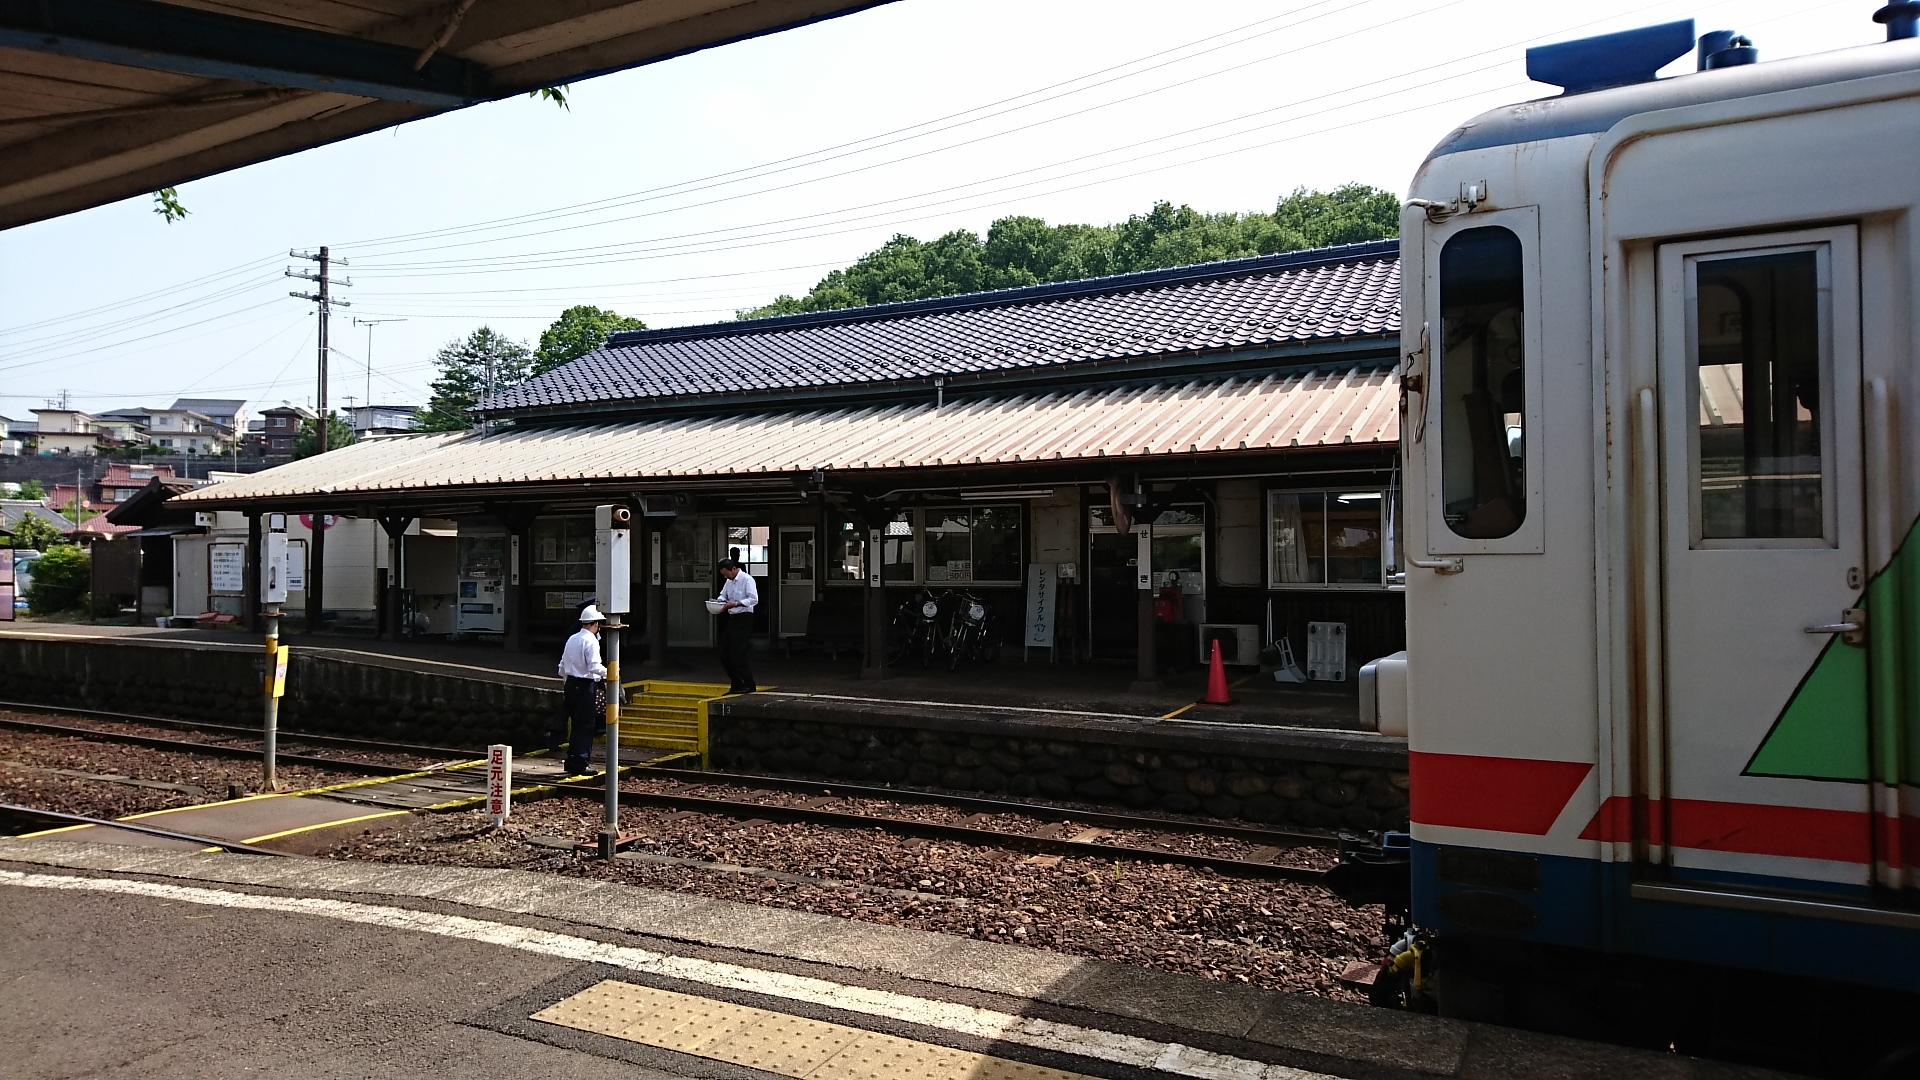 2018.5.16 美濃市 (43) 関 - 駅舎 1920-1080